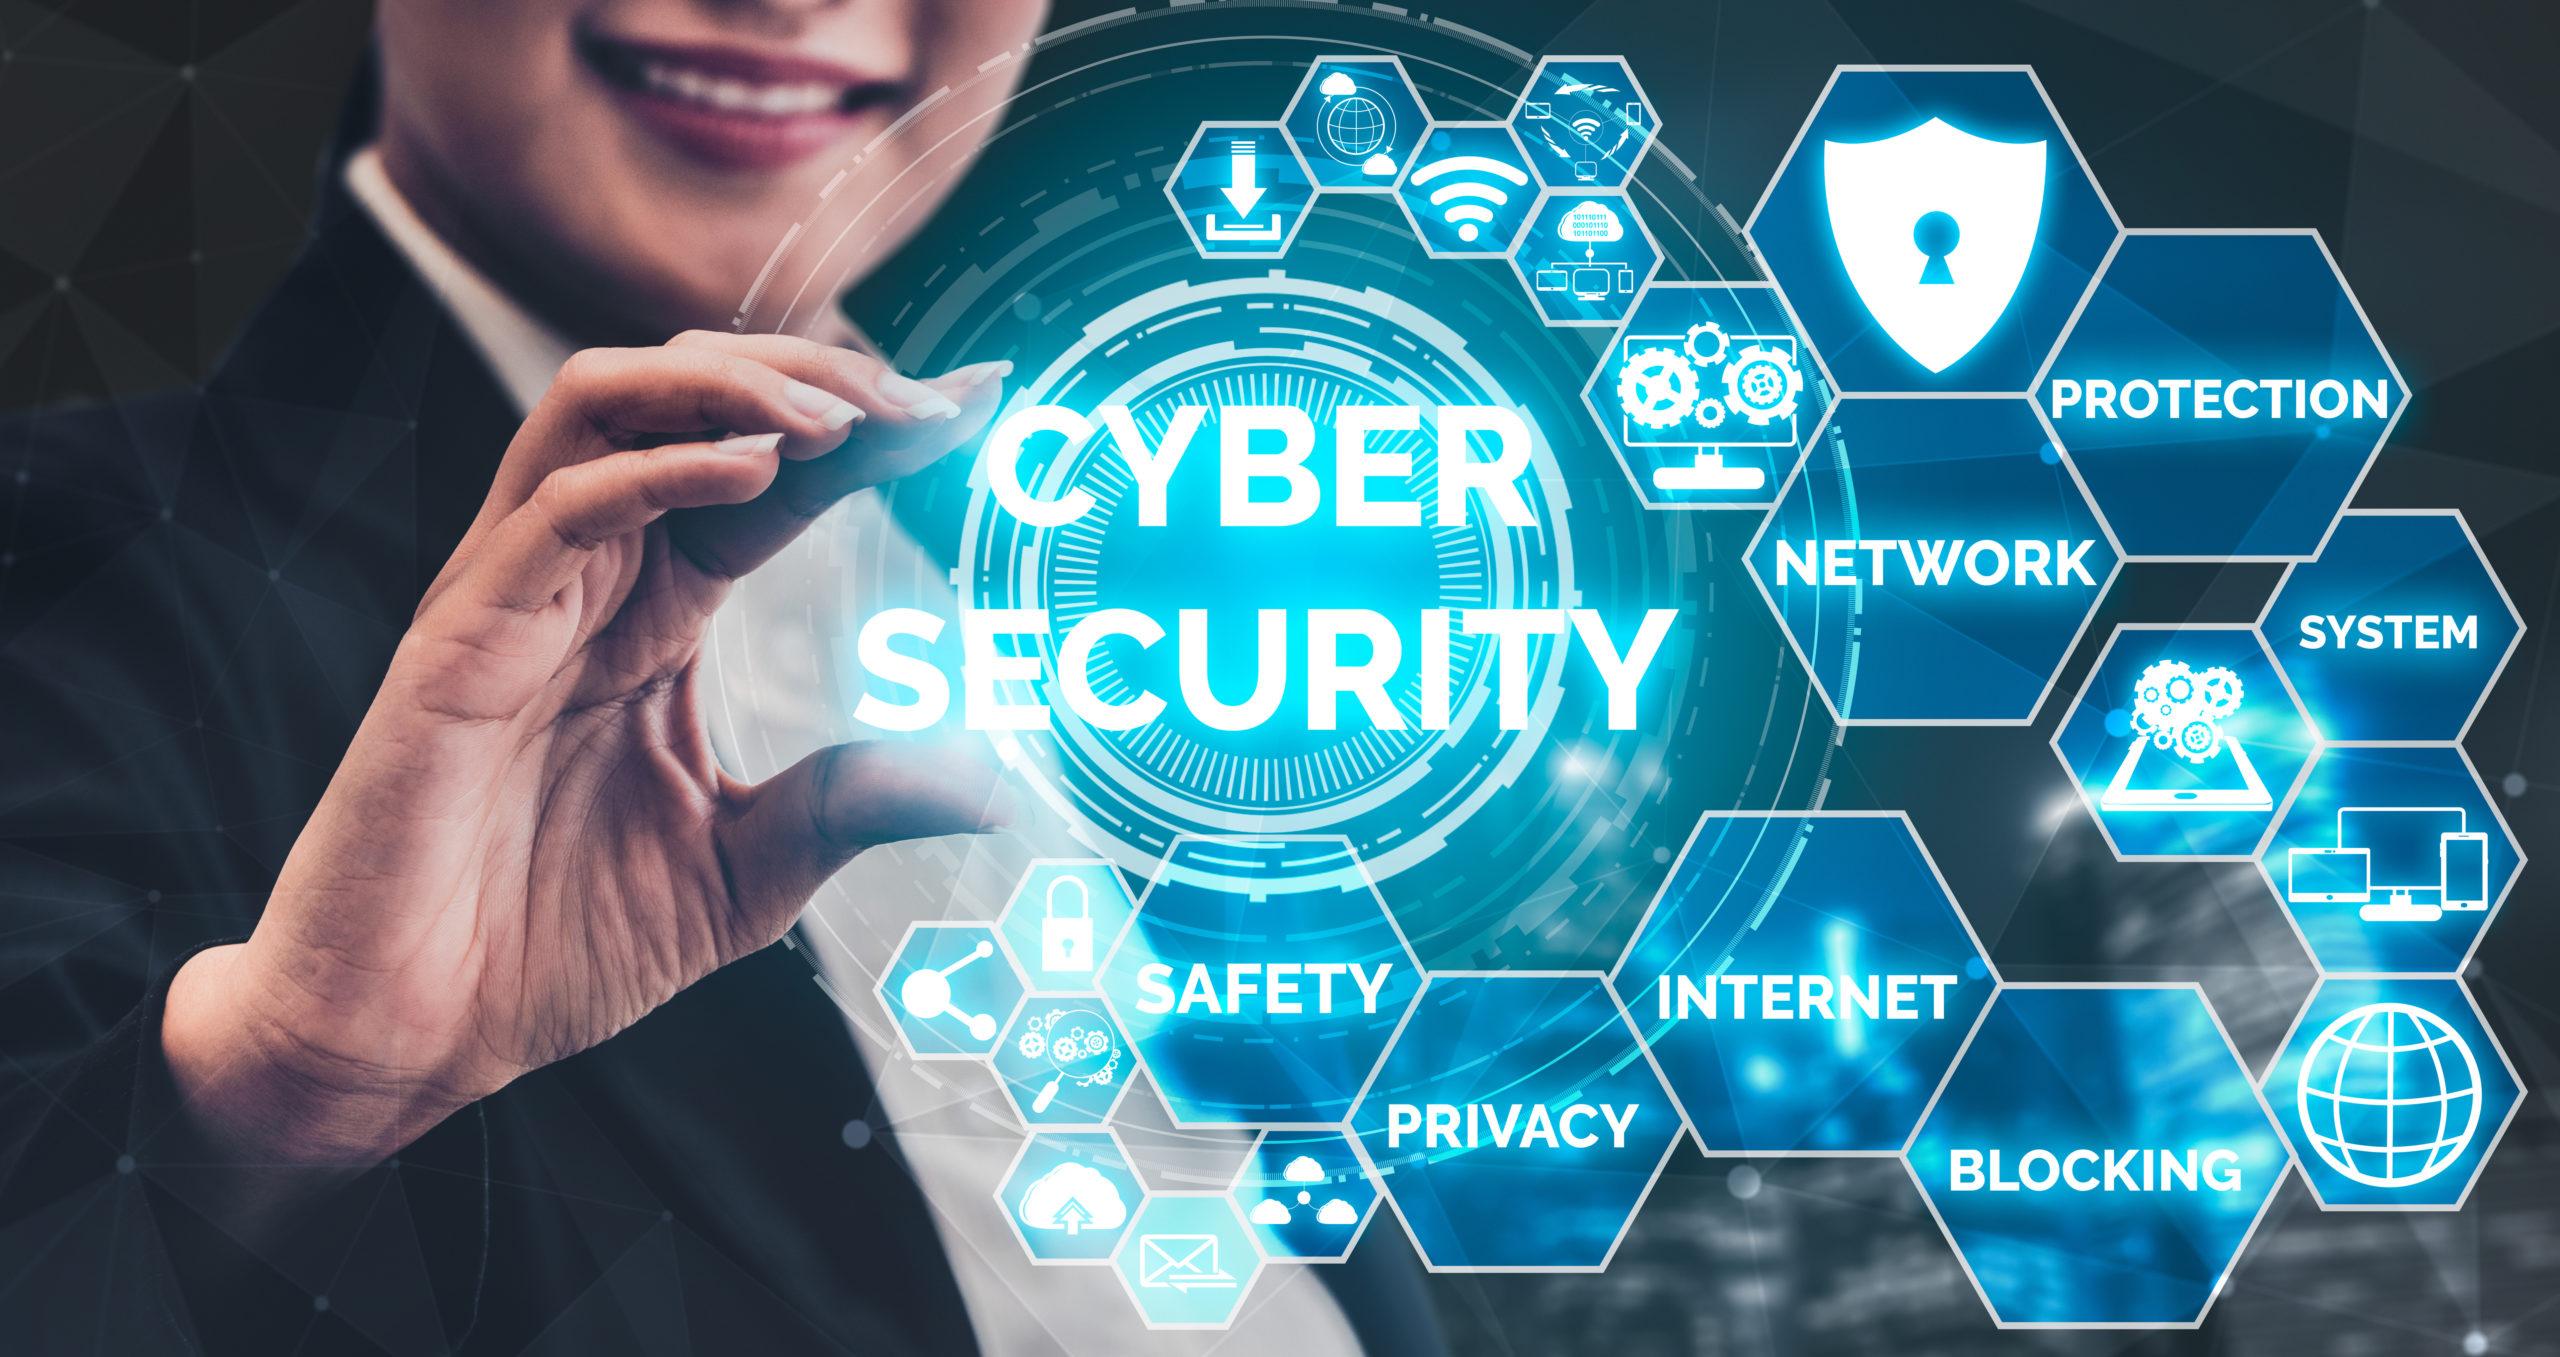 Hvordan sikre bedriften mot trusselen ved virusangrep?